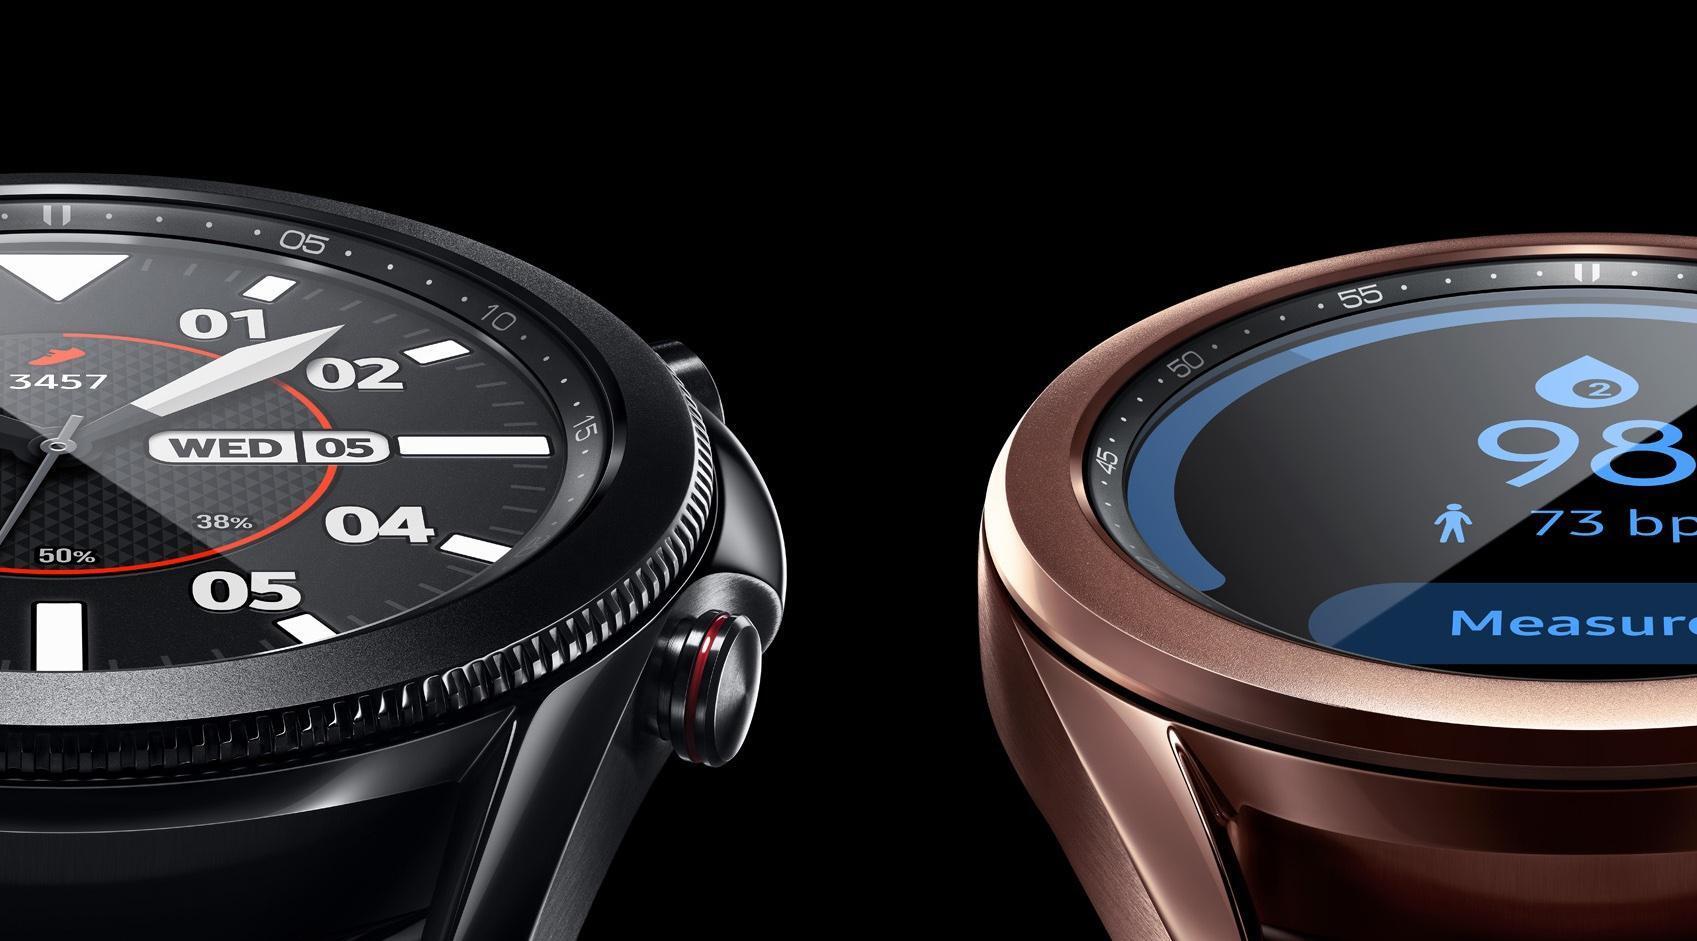 Раскрыты характеристики новых 'умных' часов Samsung Galaxy Watch 4